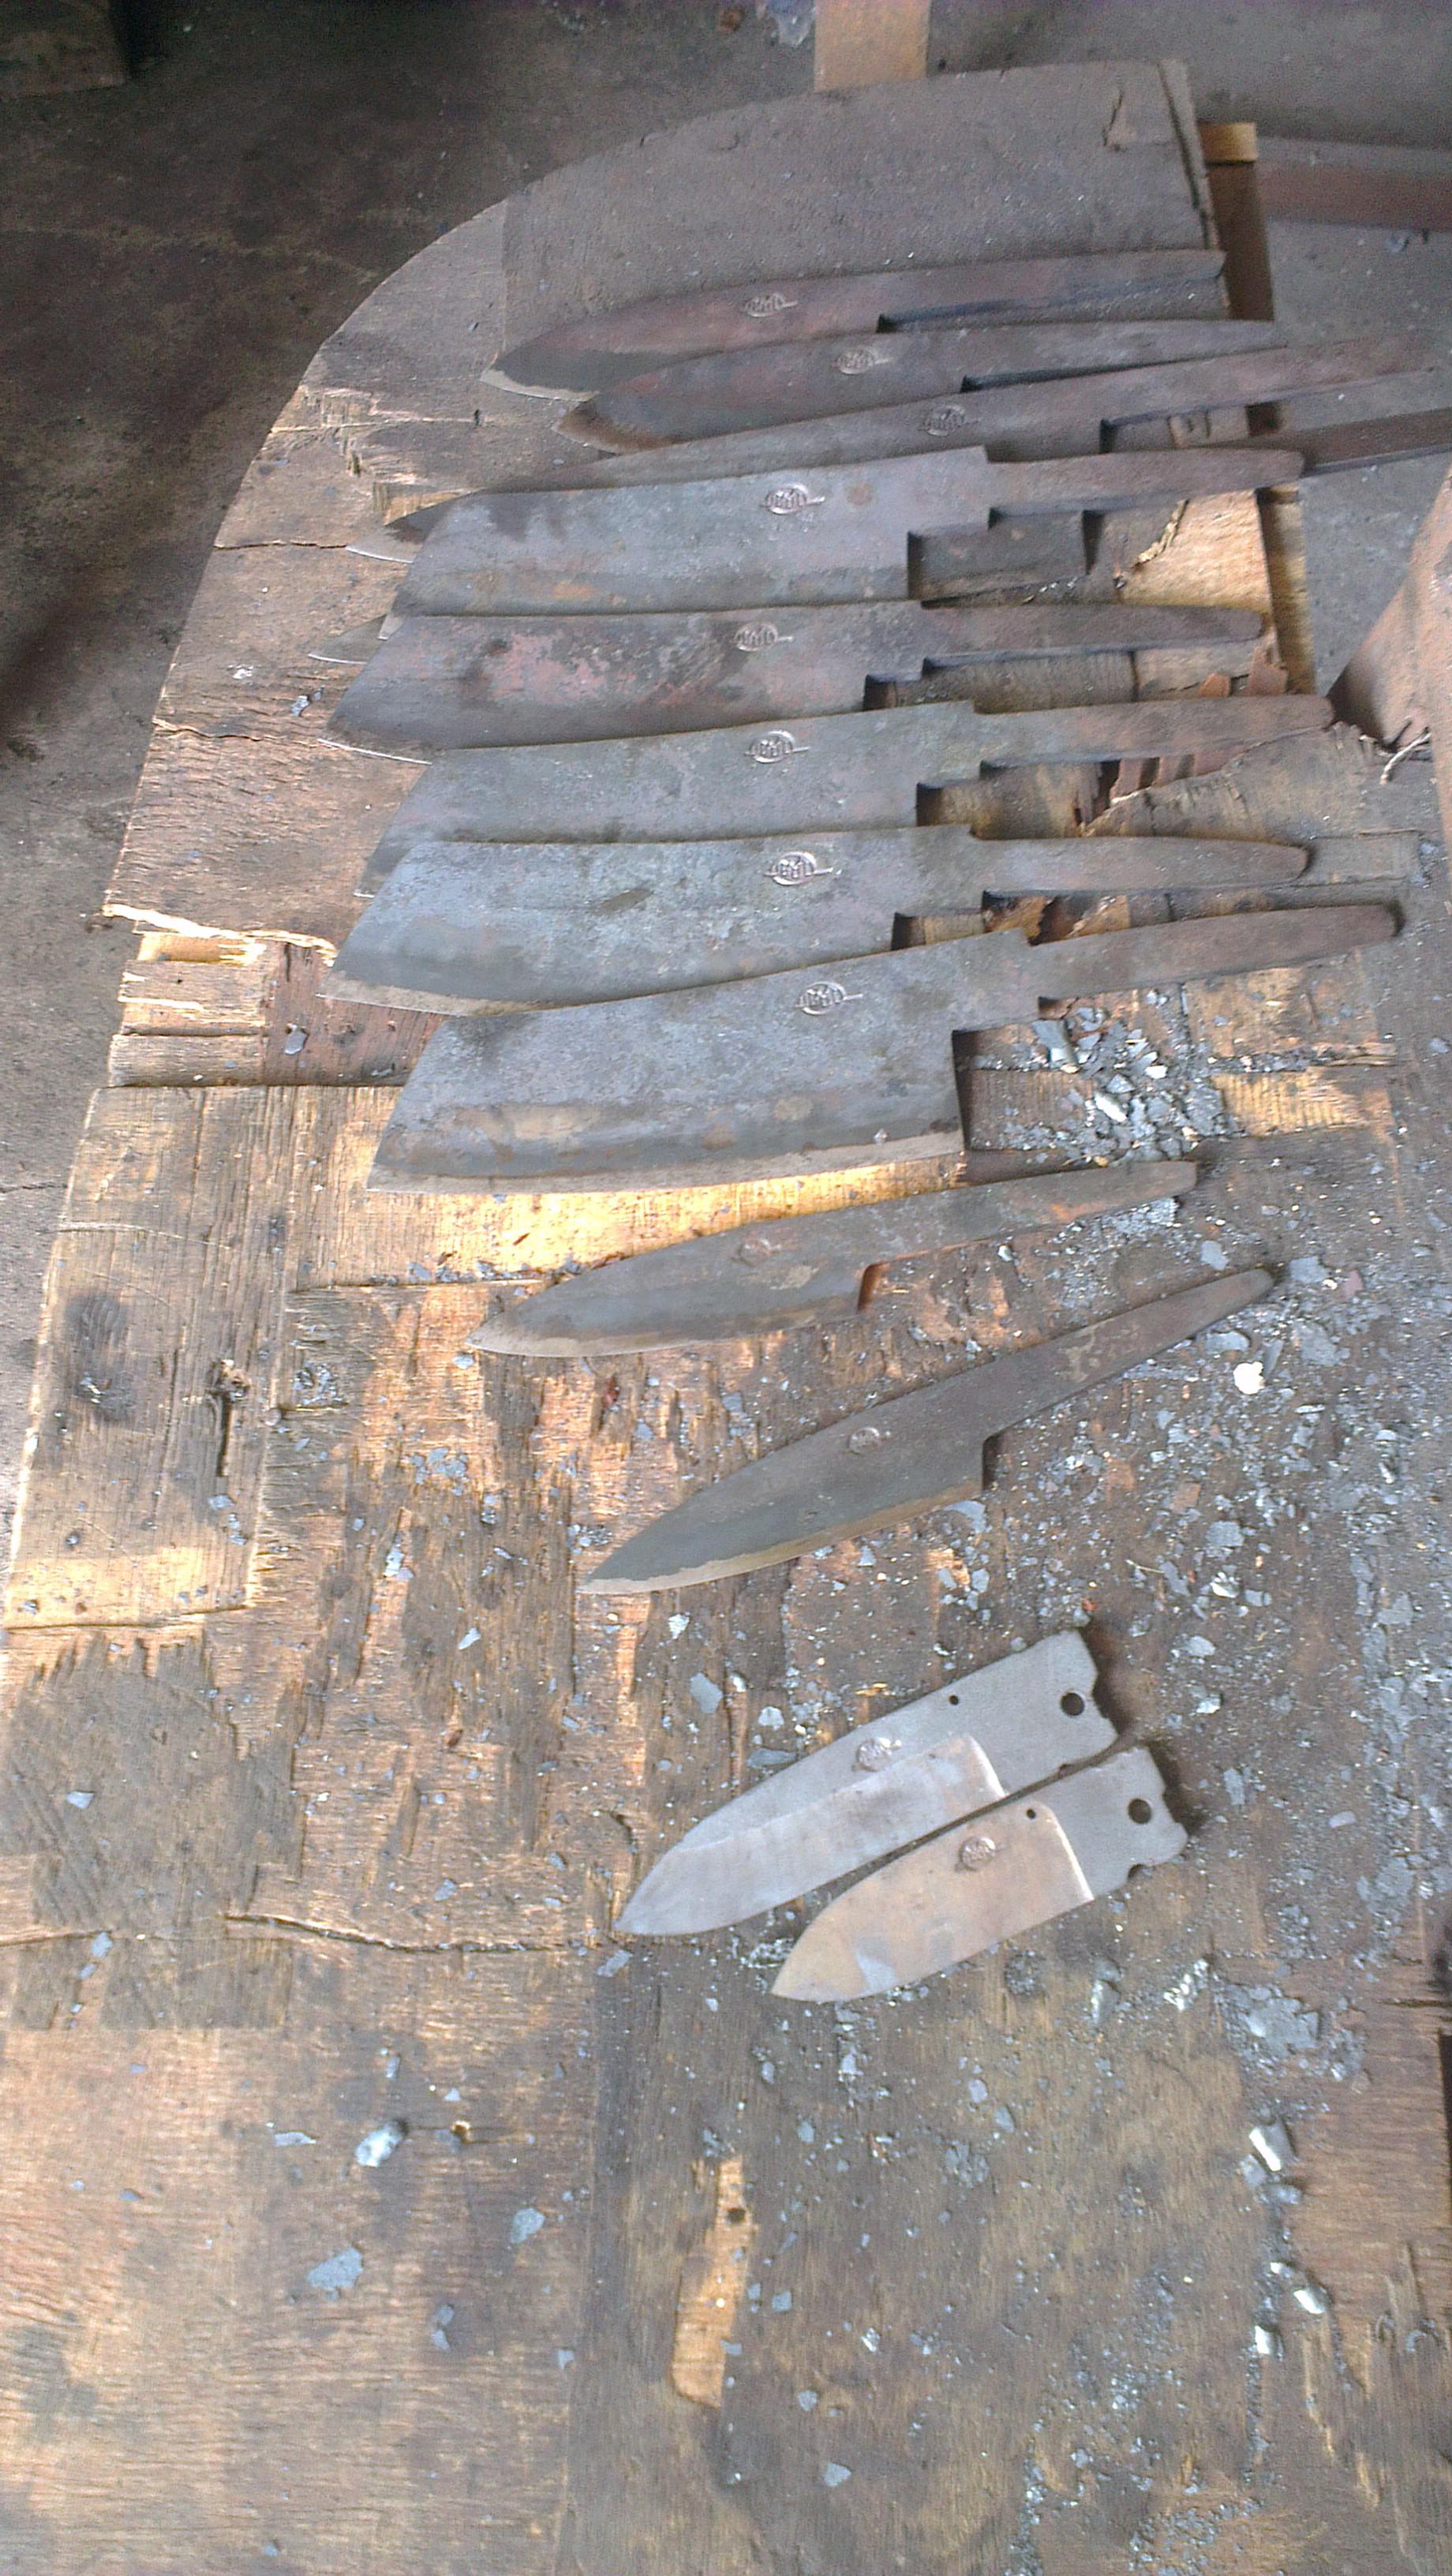 Citadel Knives